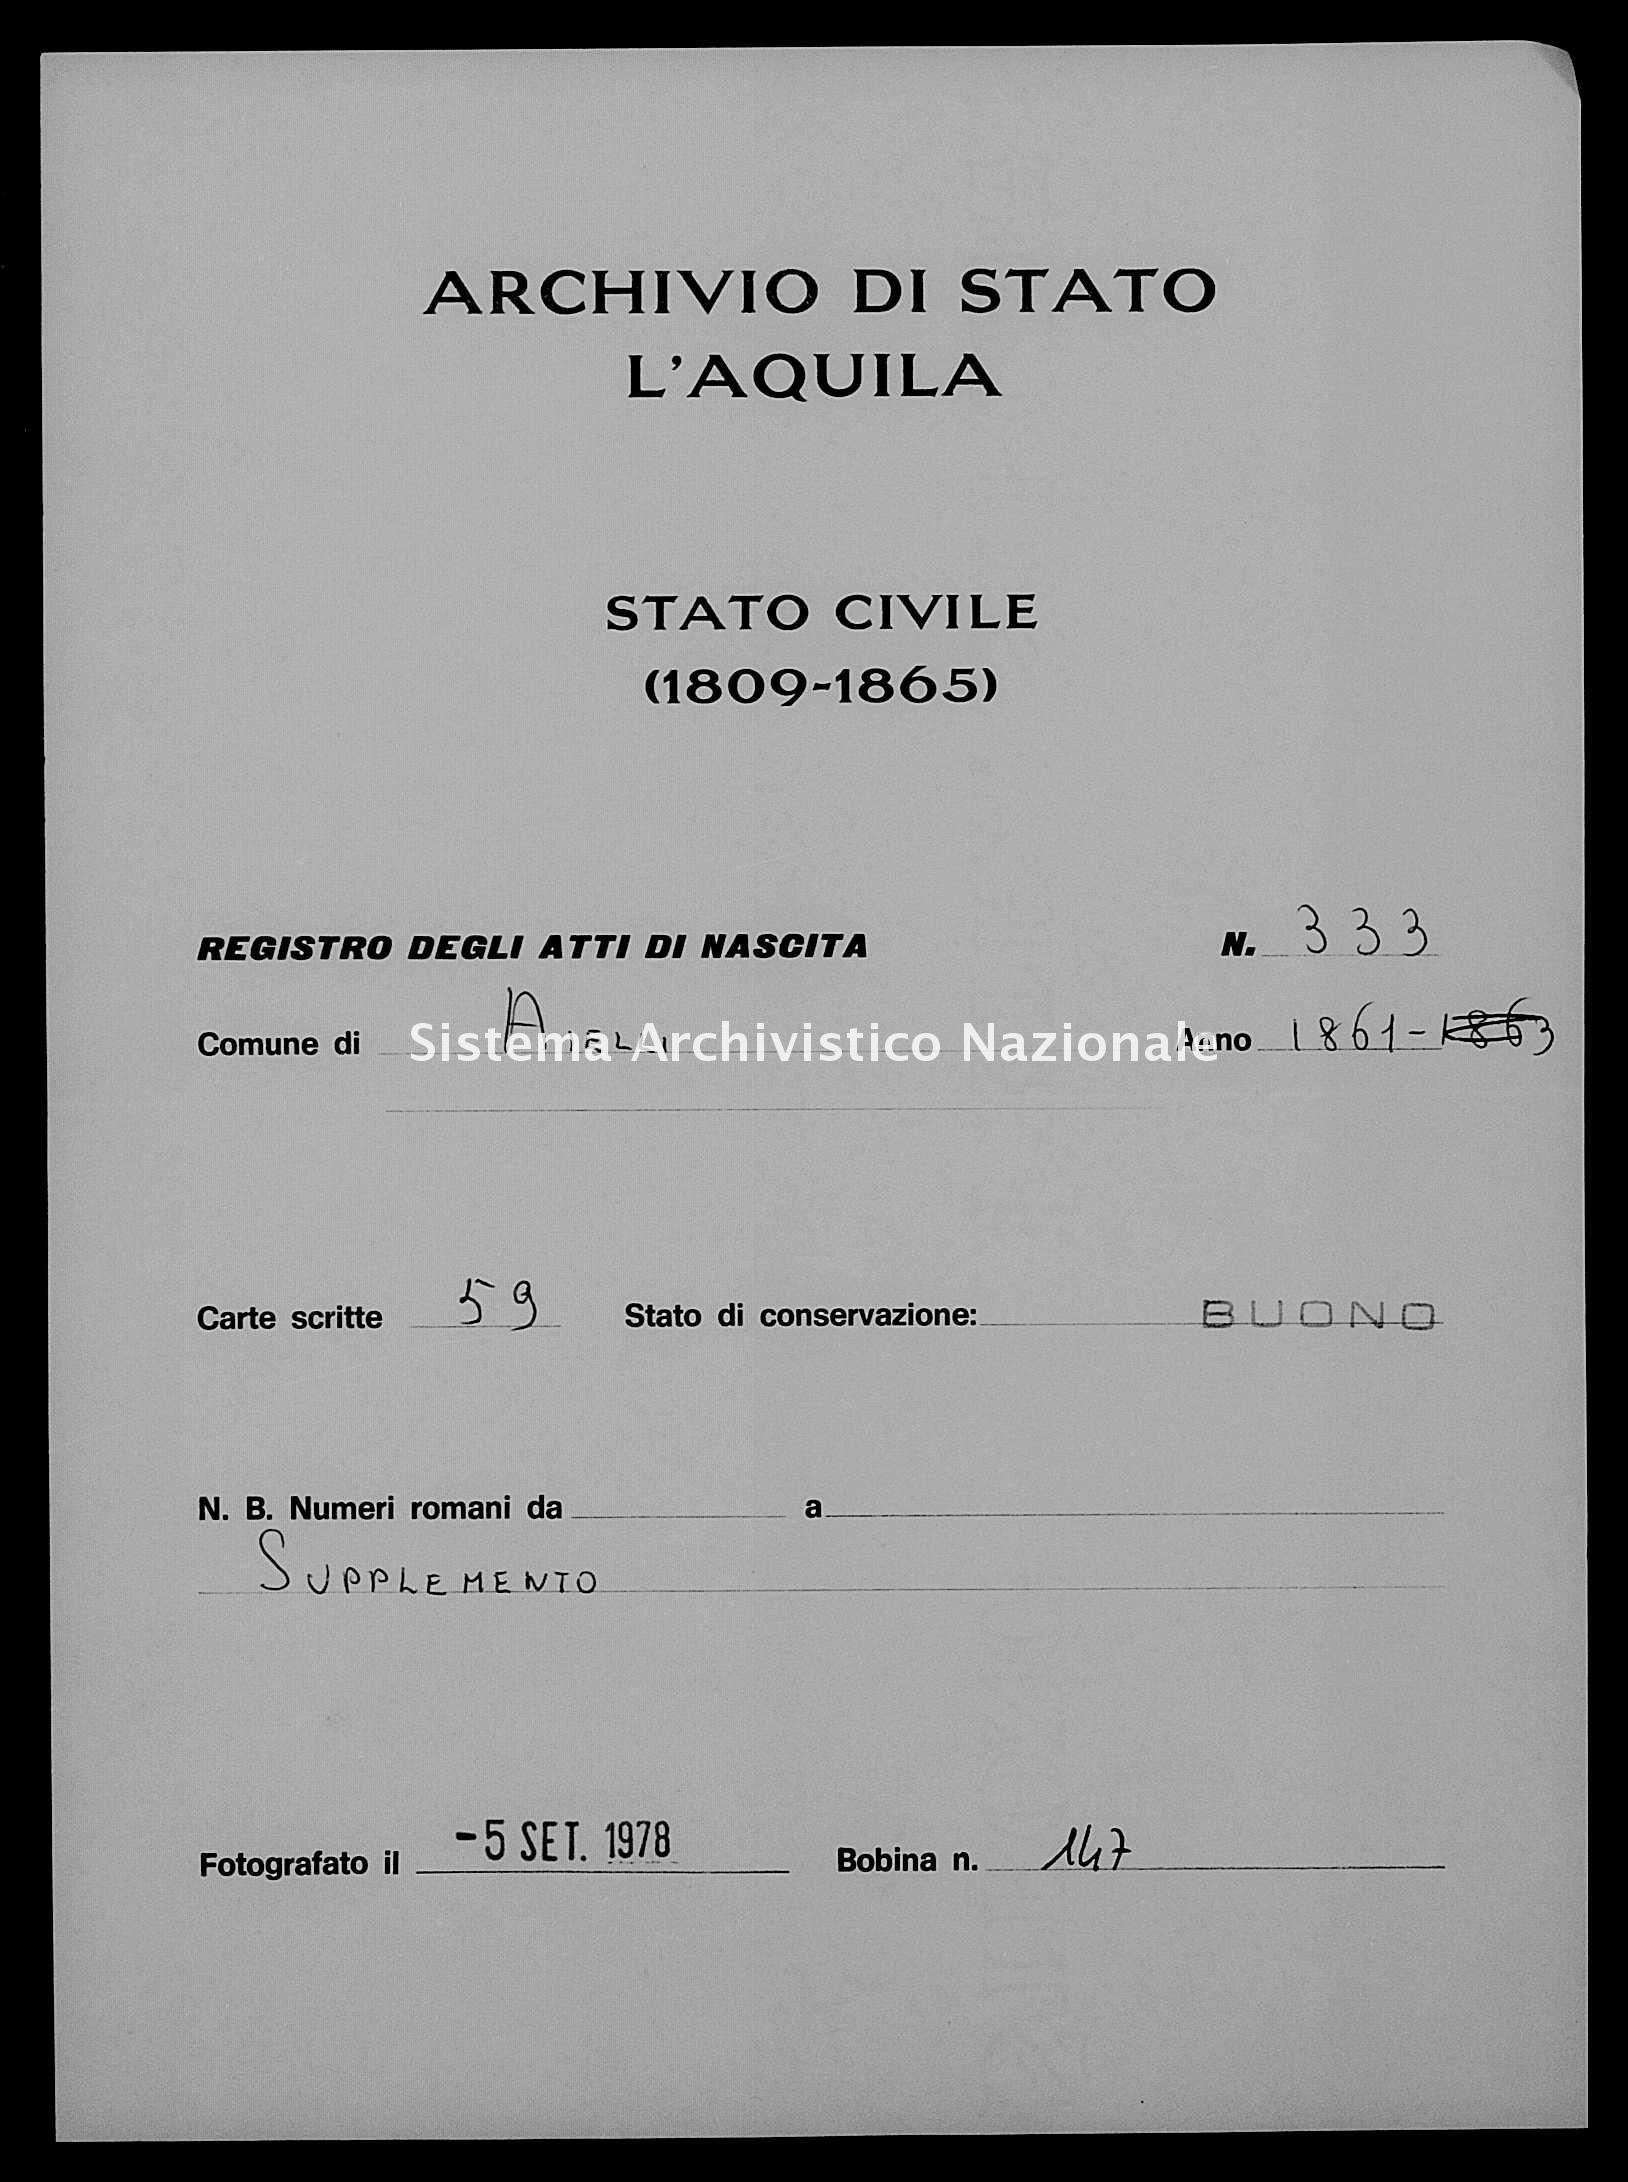 Archivio di stato di L'aquila - Stato civile italiano - Aielli - Nati, battesimi - 1861 - 333 -